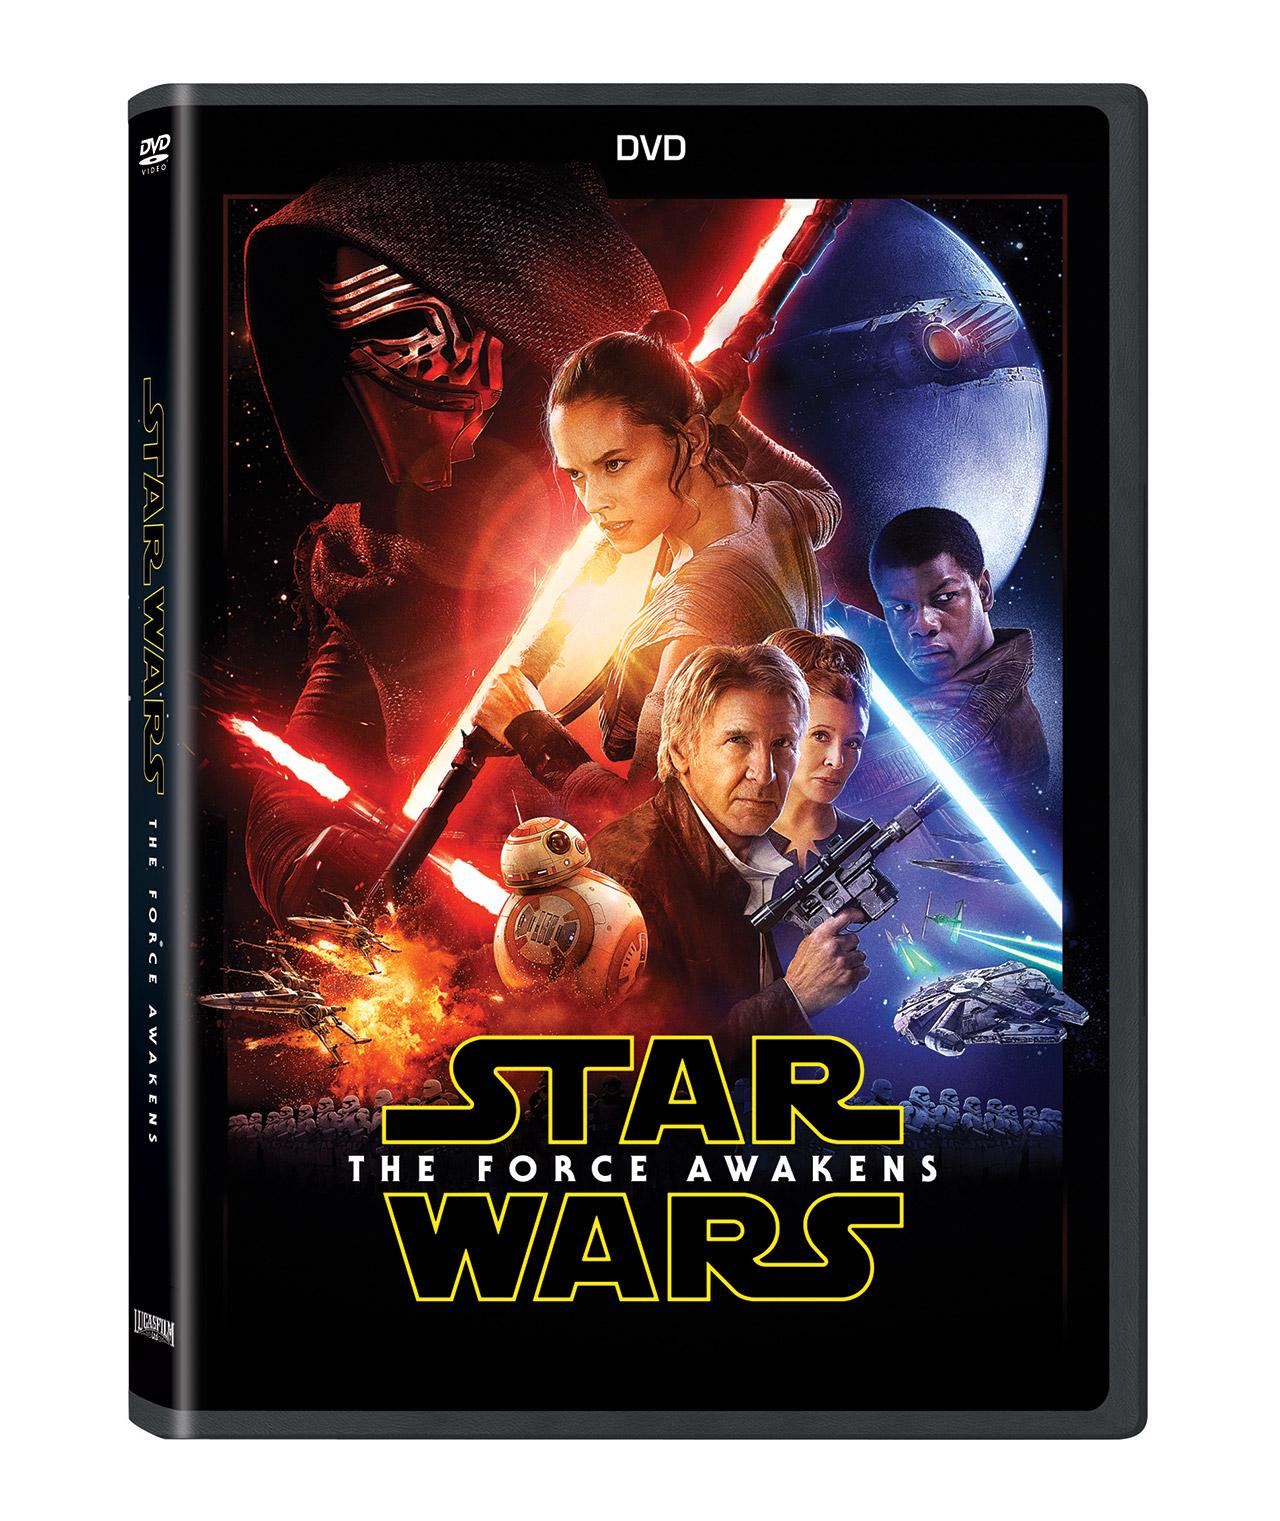 A DVD változat tokja.